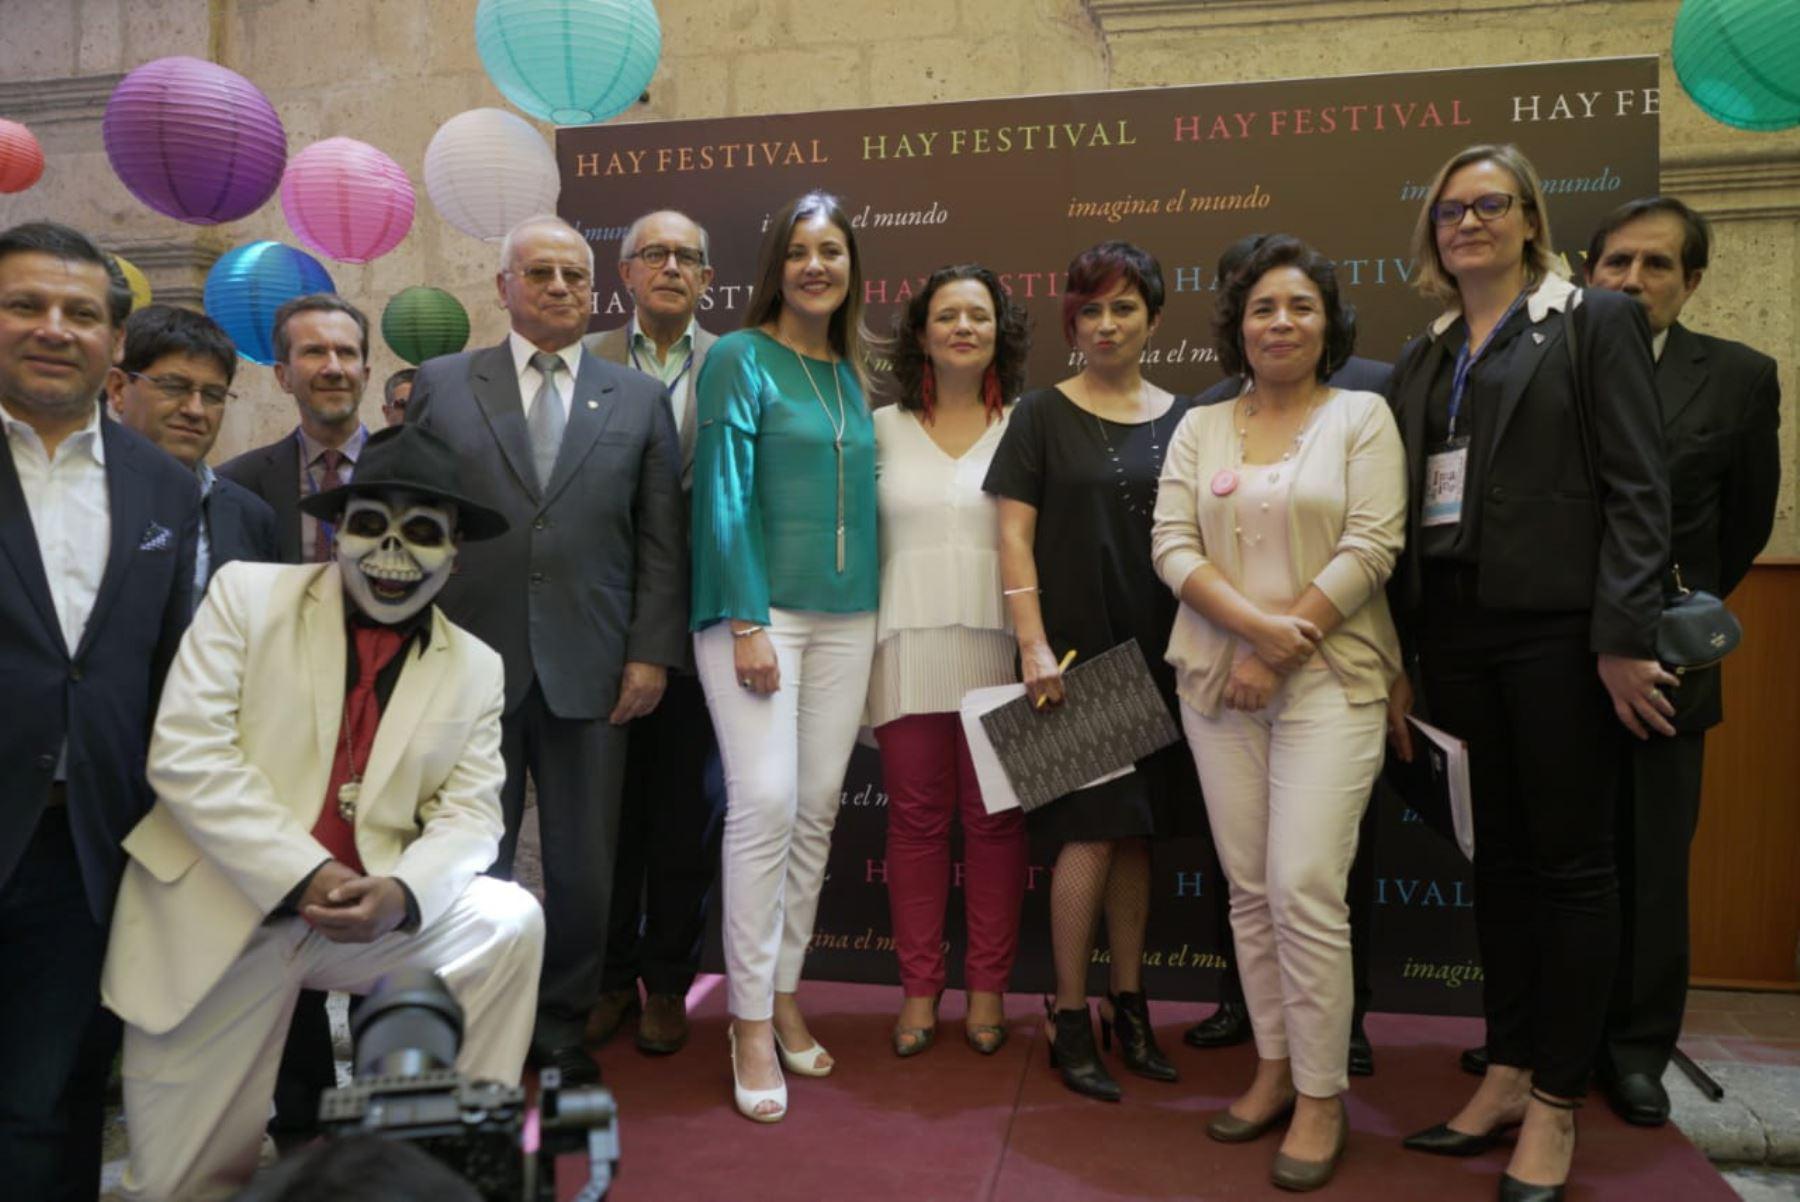 Ministra de Cultura, Patricia Balbuena, inauguró Hay Festival en Arequipa. ANDINA/Difusión